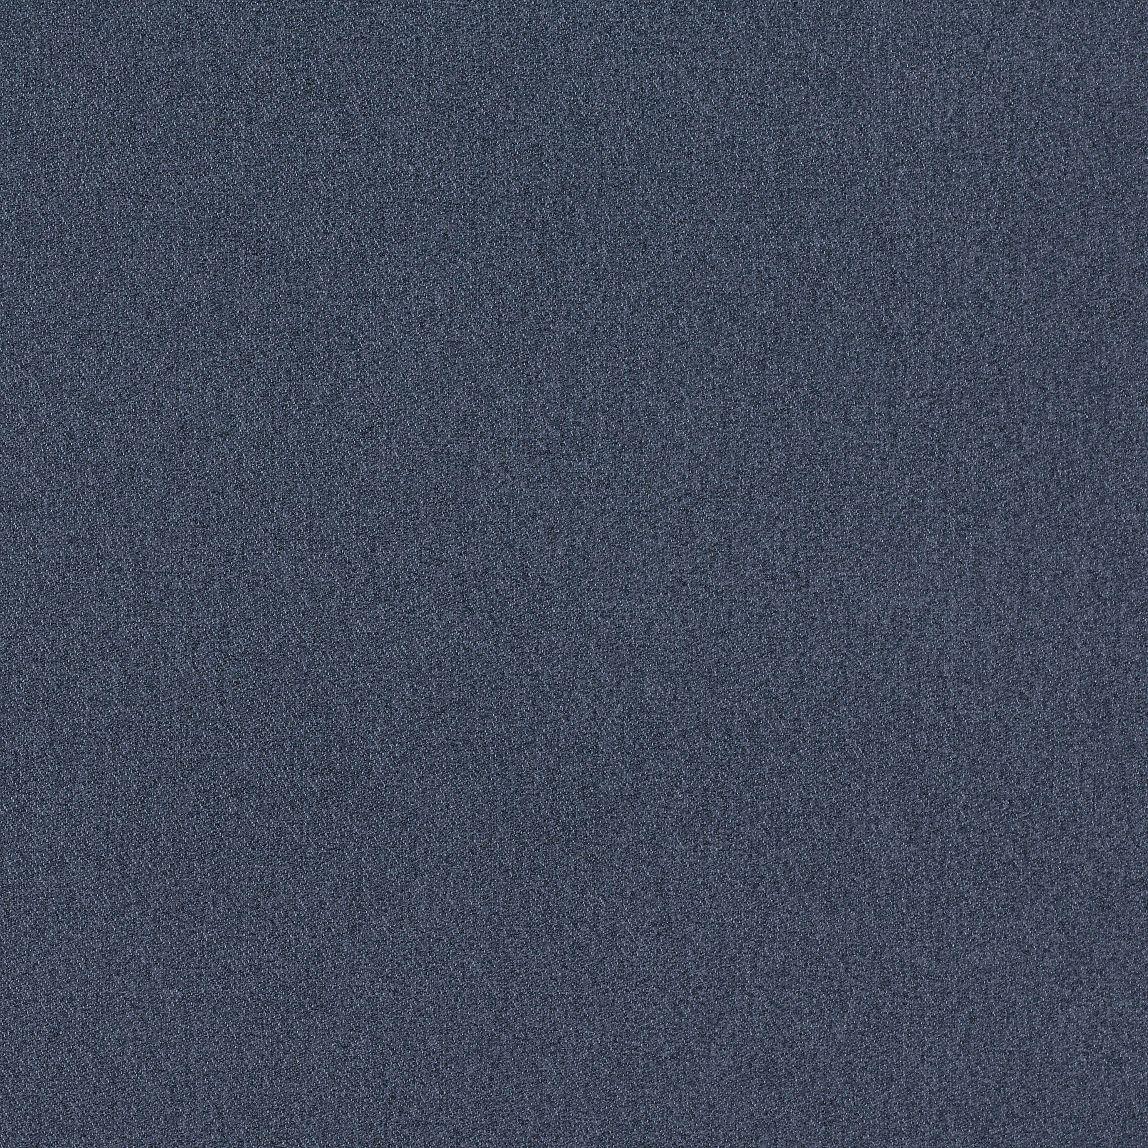 Outlander Dark Blue Swatch